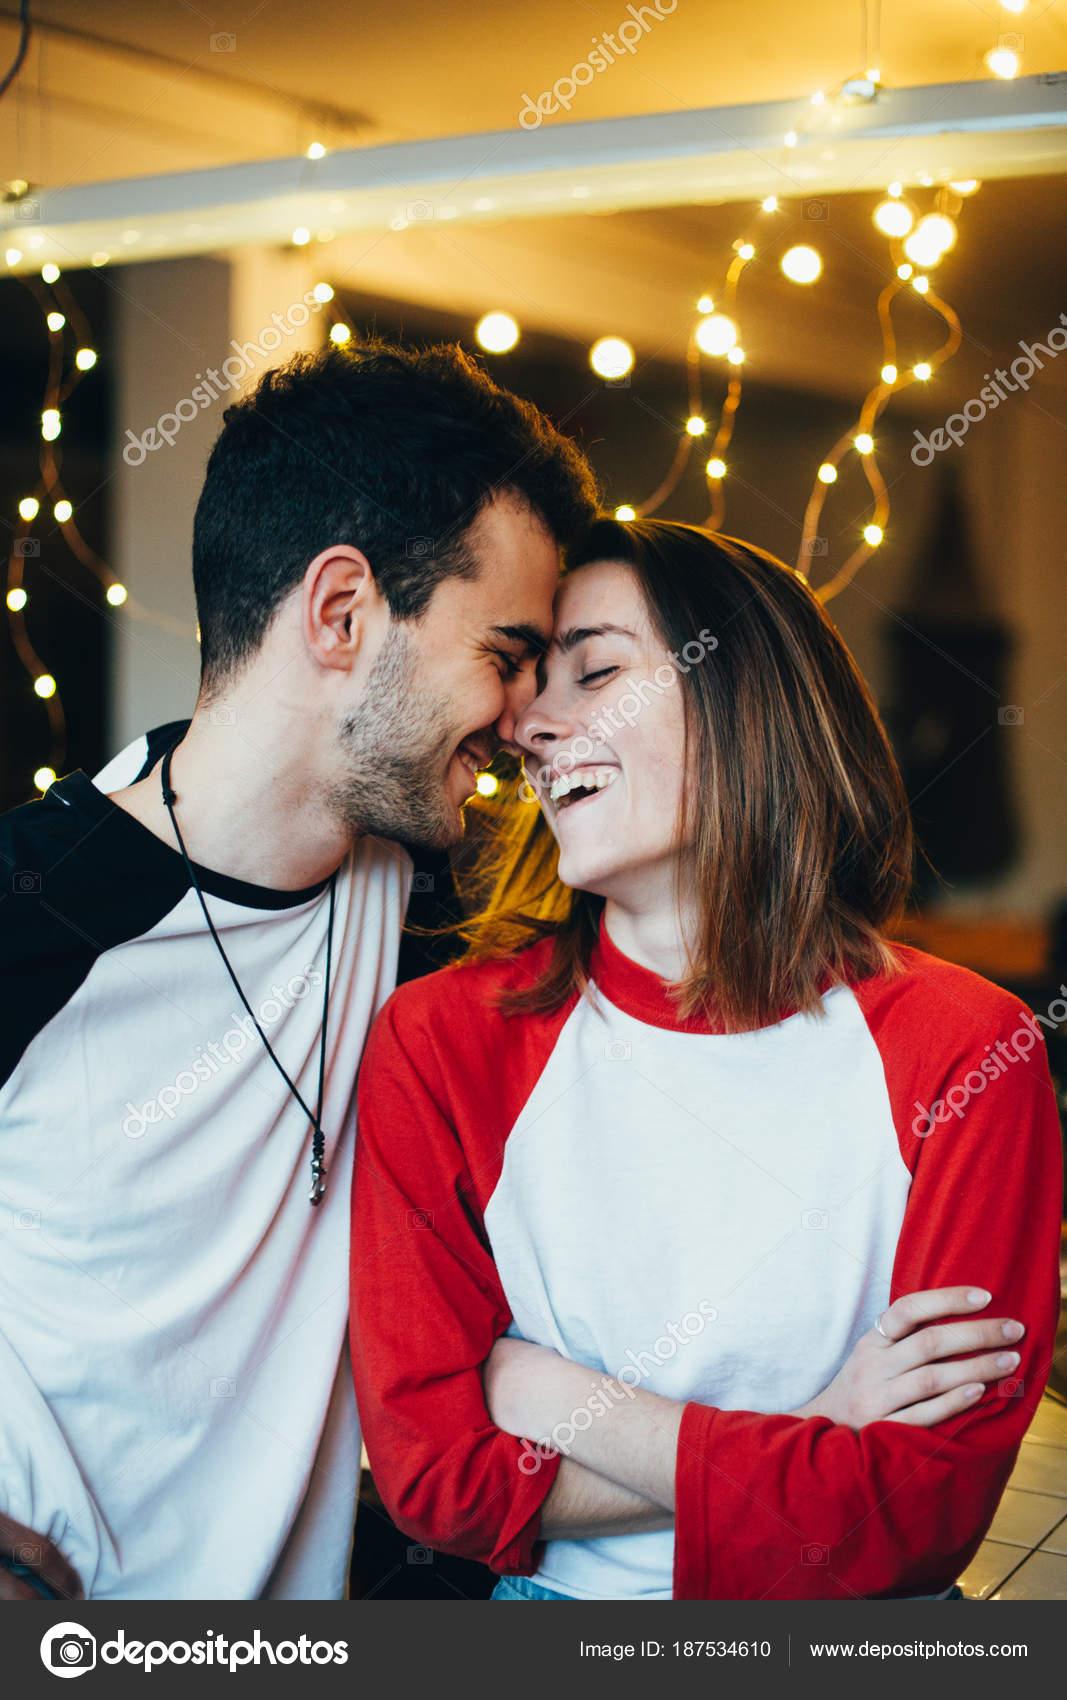 Πώς να πιάσετε κάποιον σε μια τοποθεσία γνωριμιών